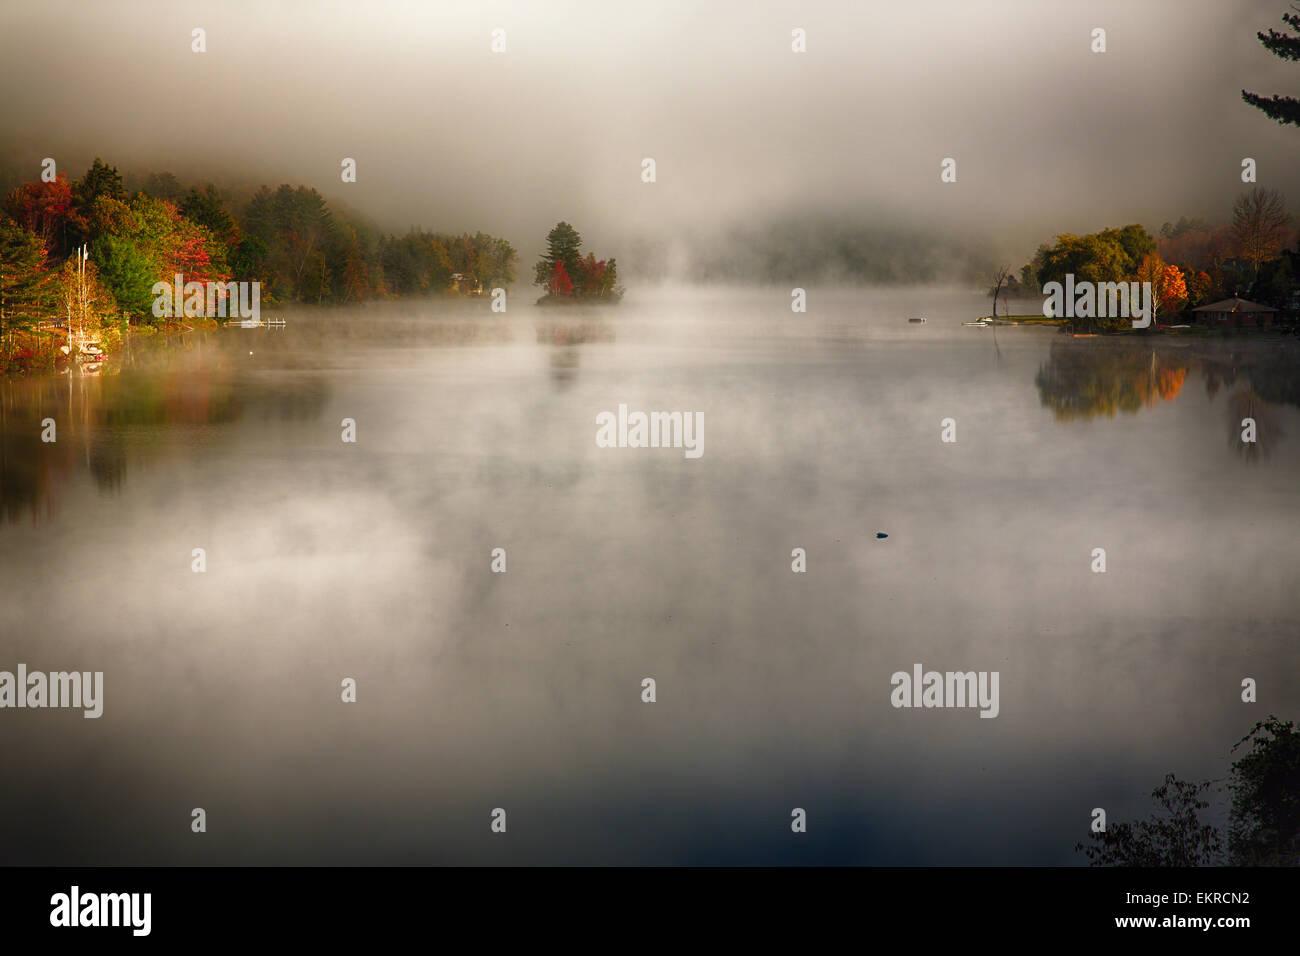 Angolo di Alta Vista di un lago con nebbia di mattina durante la caduta, Knapp Brook Pond, Vermont Immagini Stock